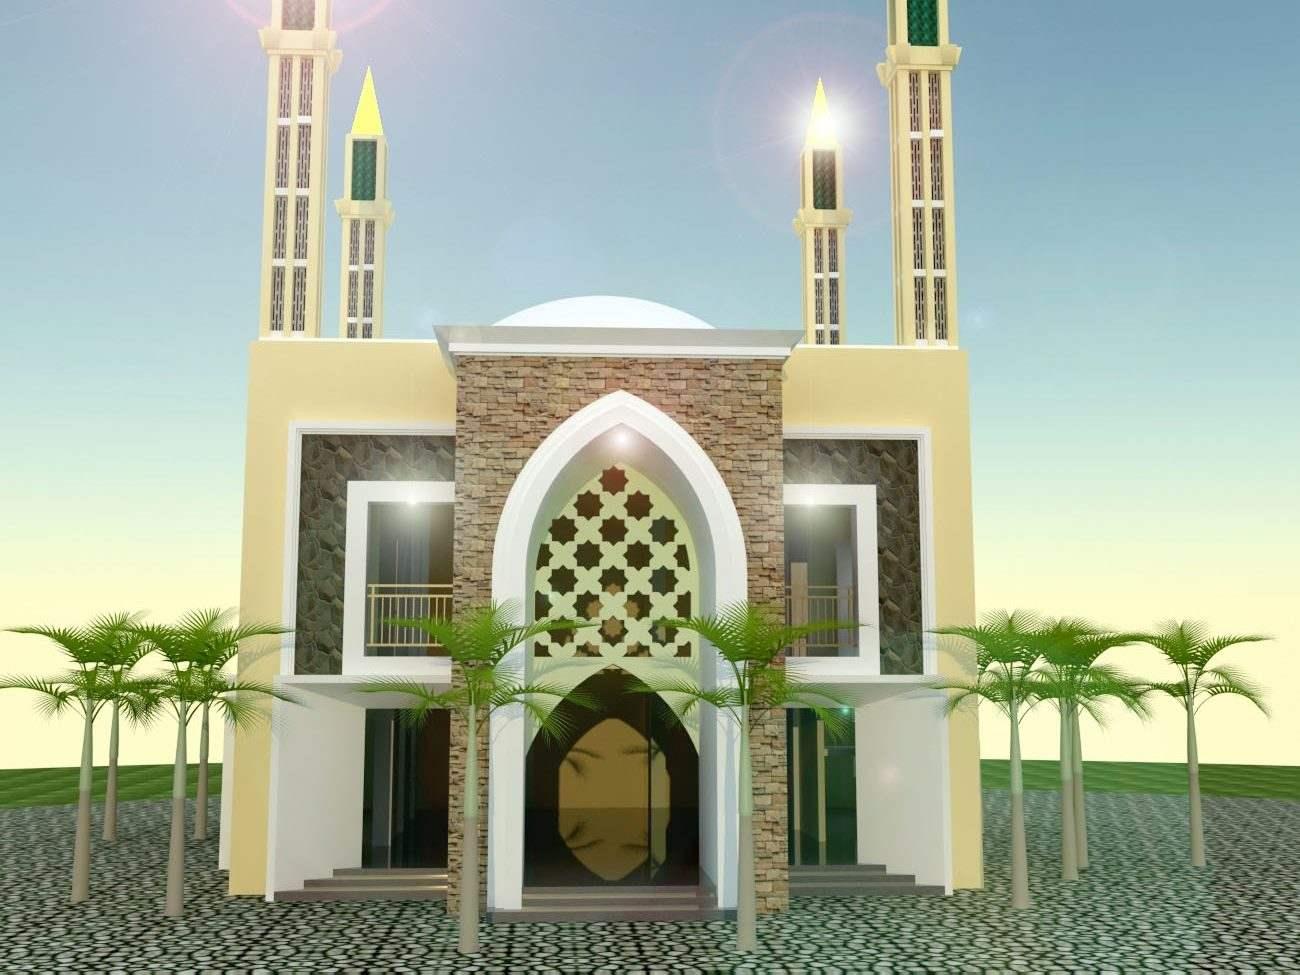 Jasa Arsitek Desain Masjid Lengkap Ukuran Kecil Besar Desain masjid kecil